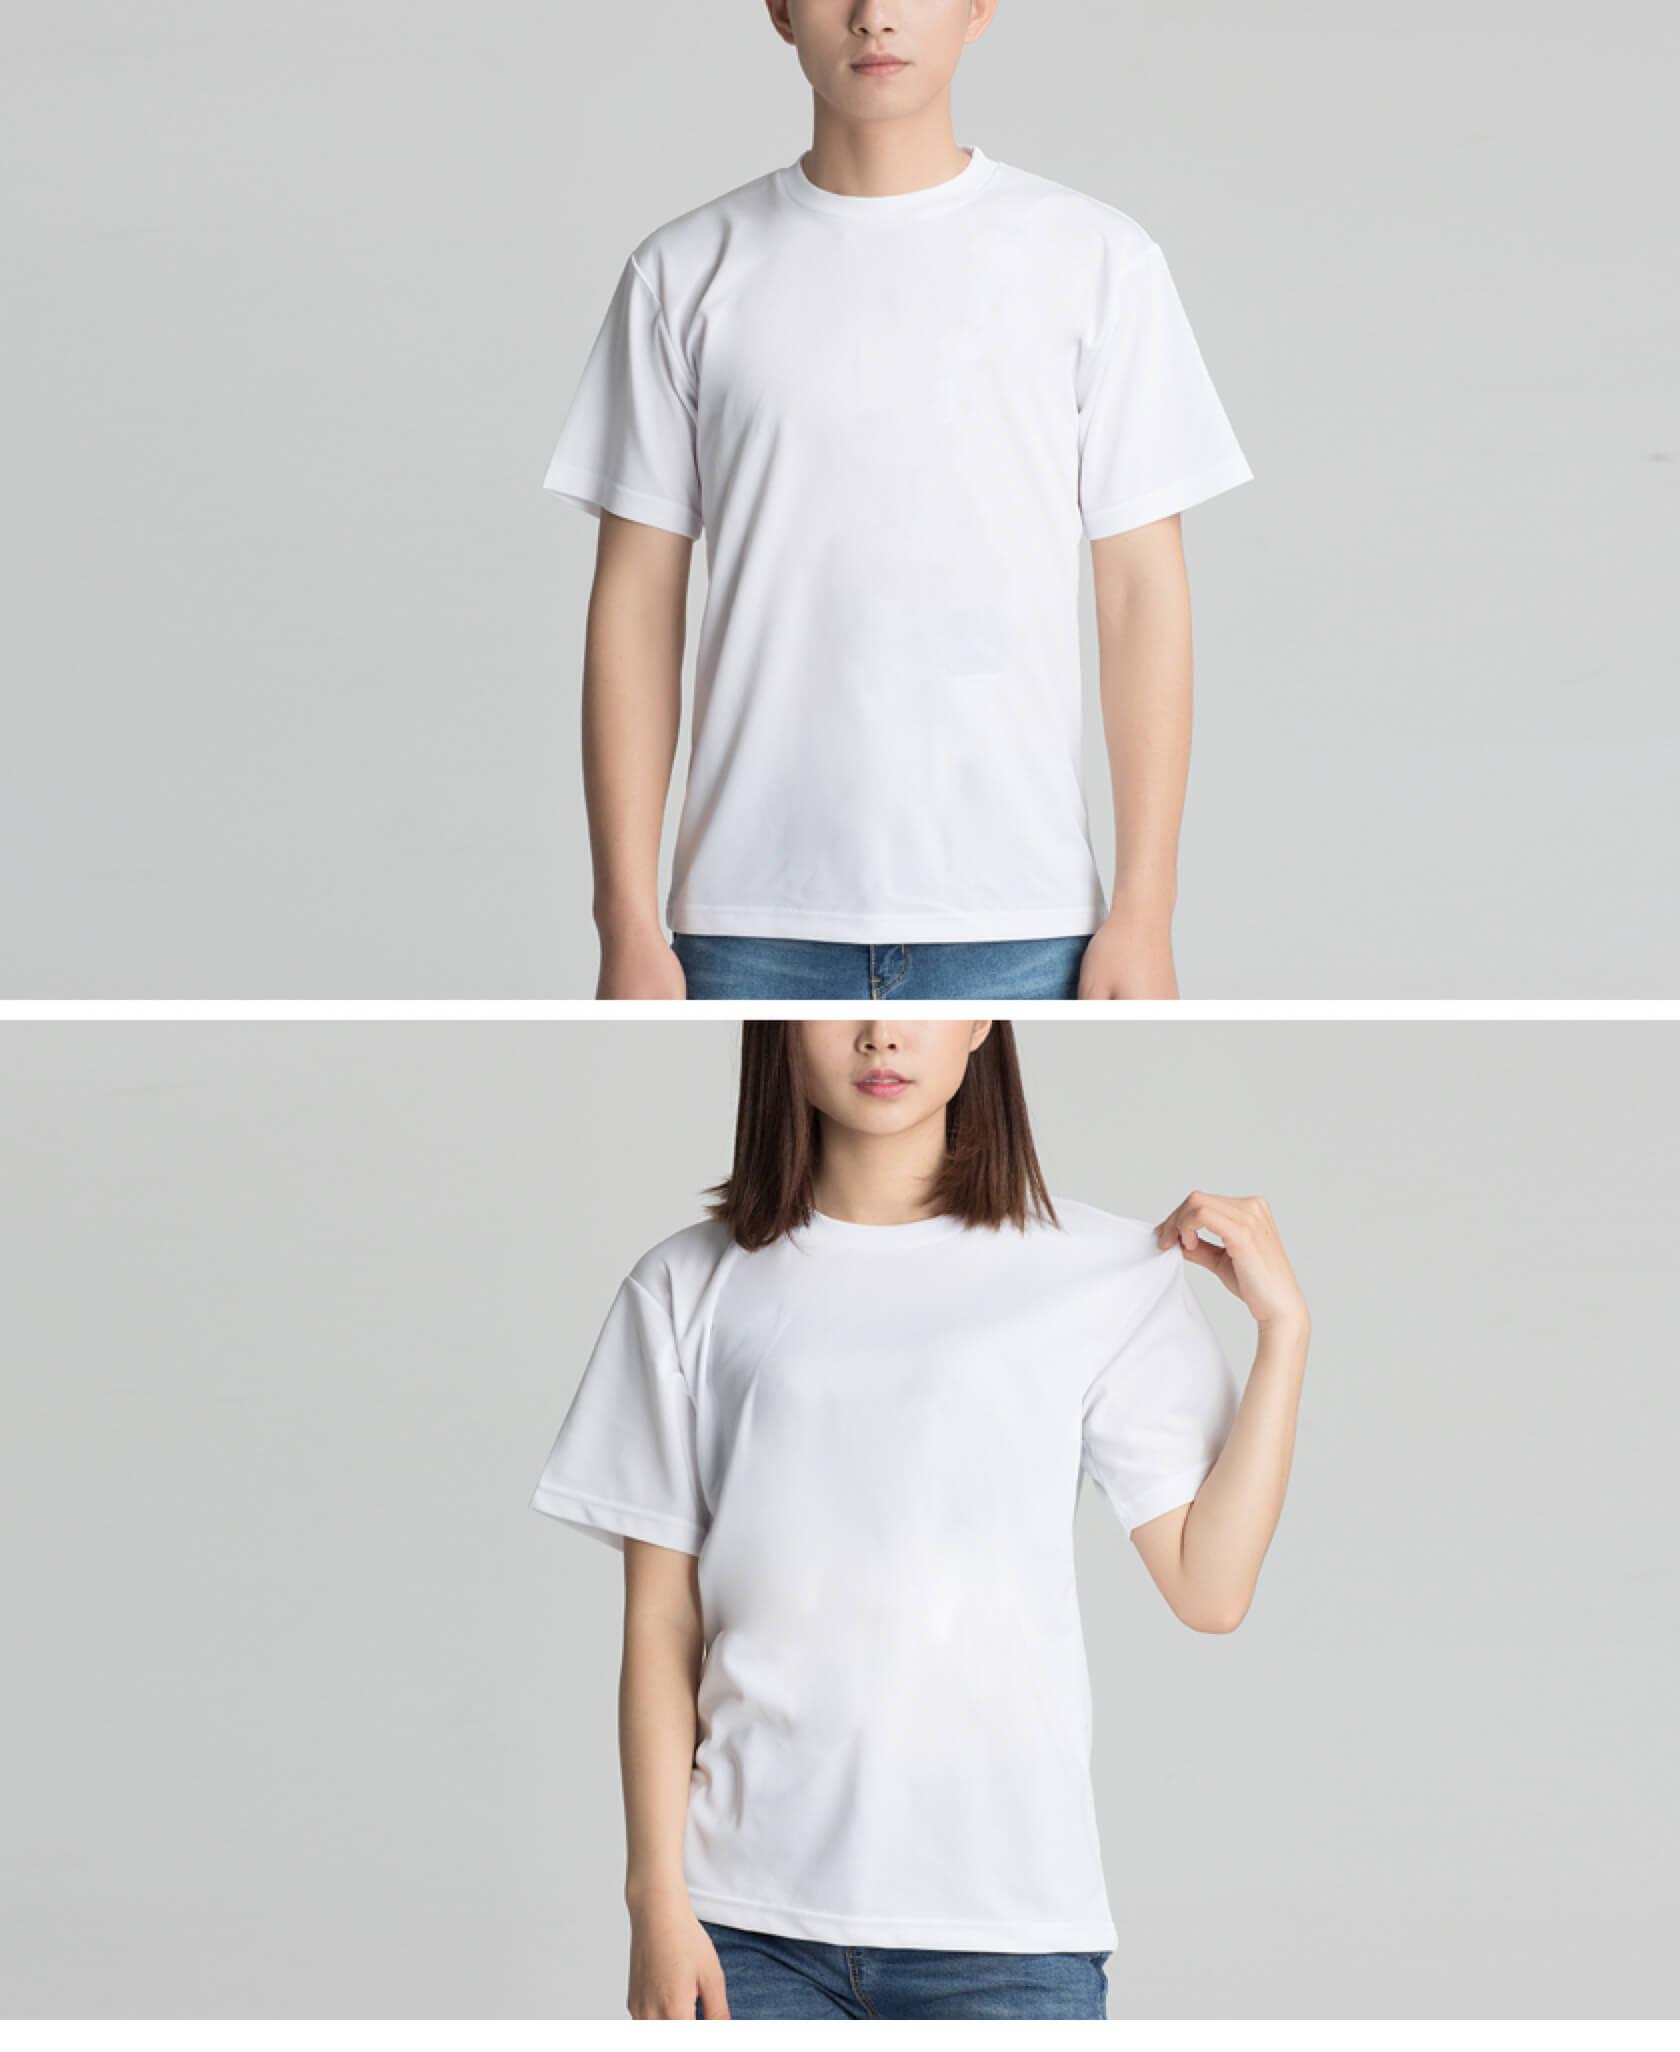 定制速干运动款白色T恤